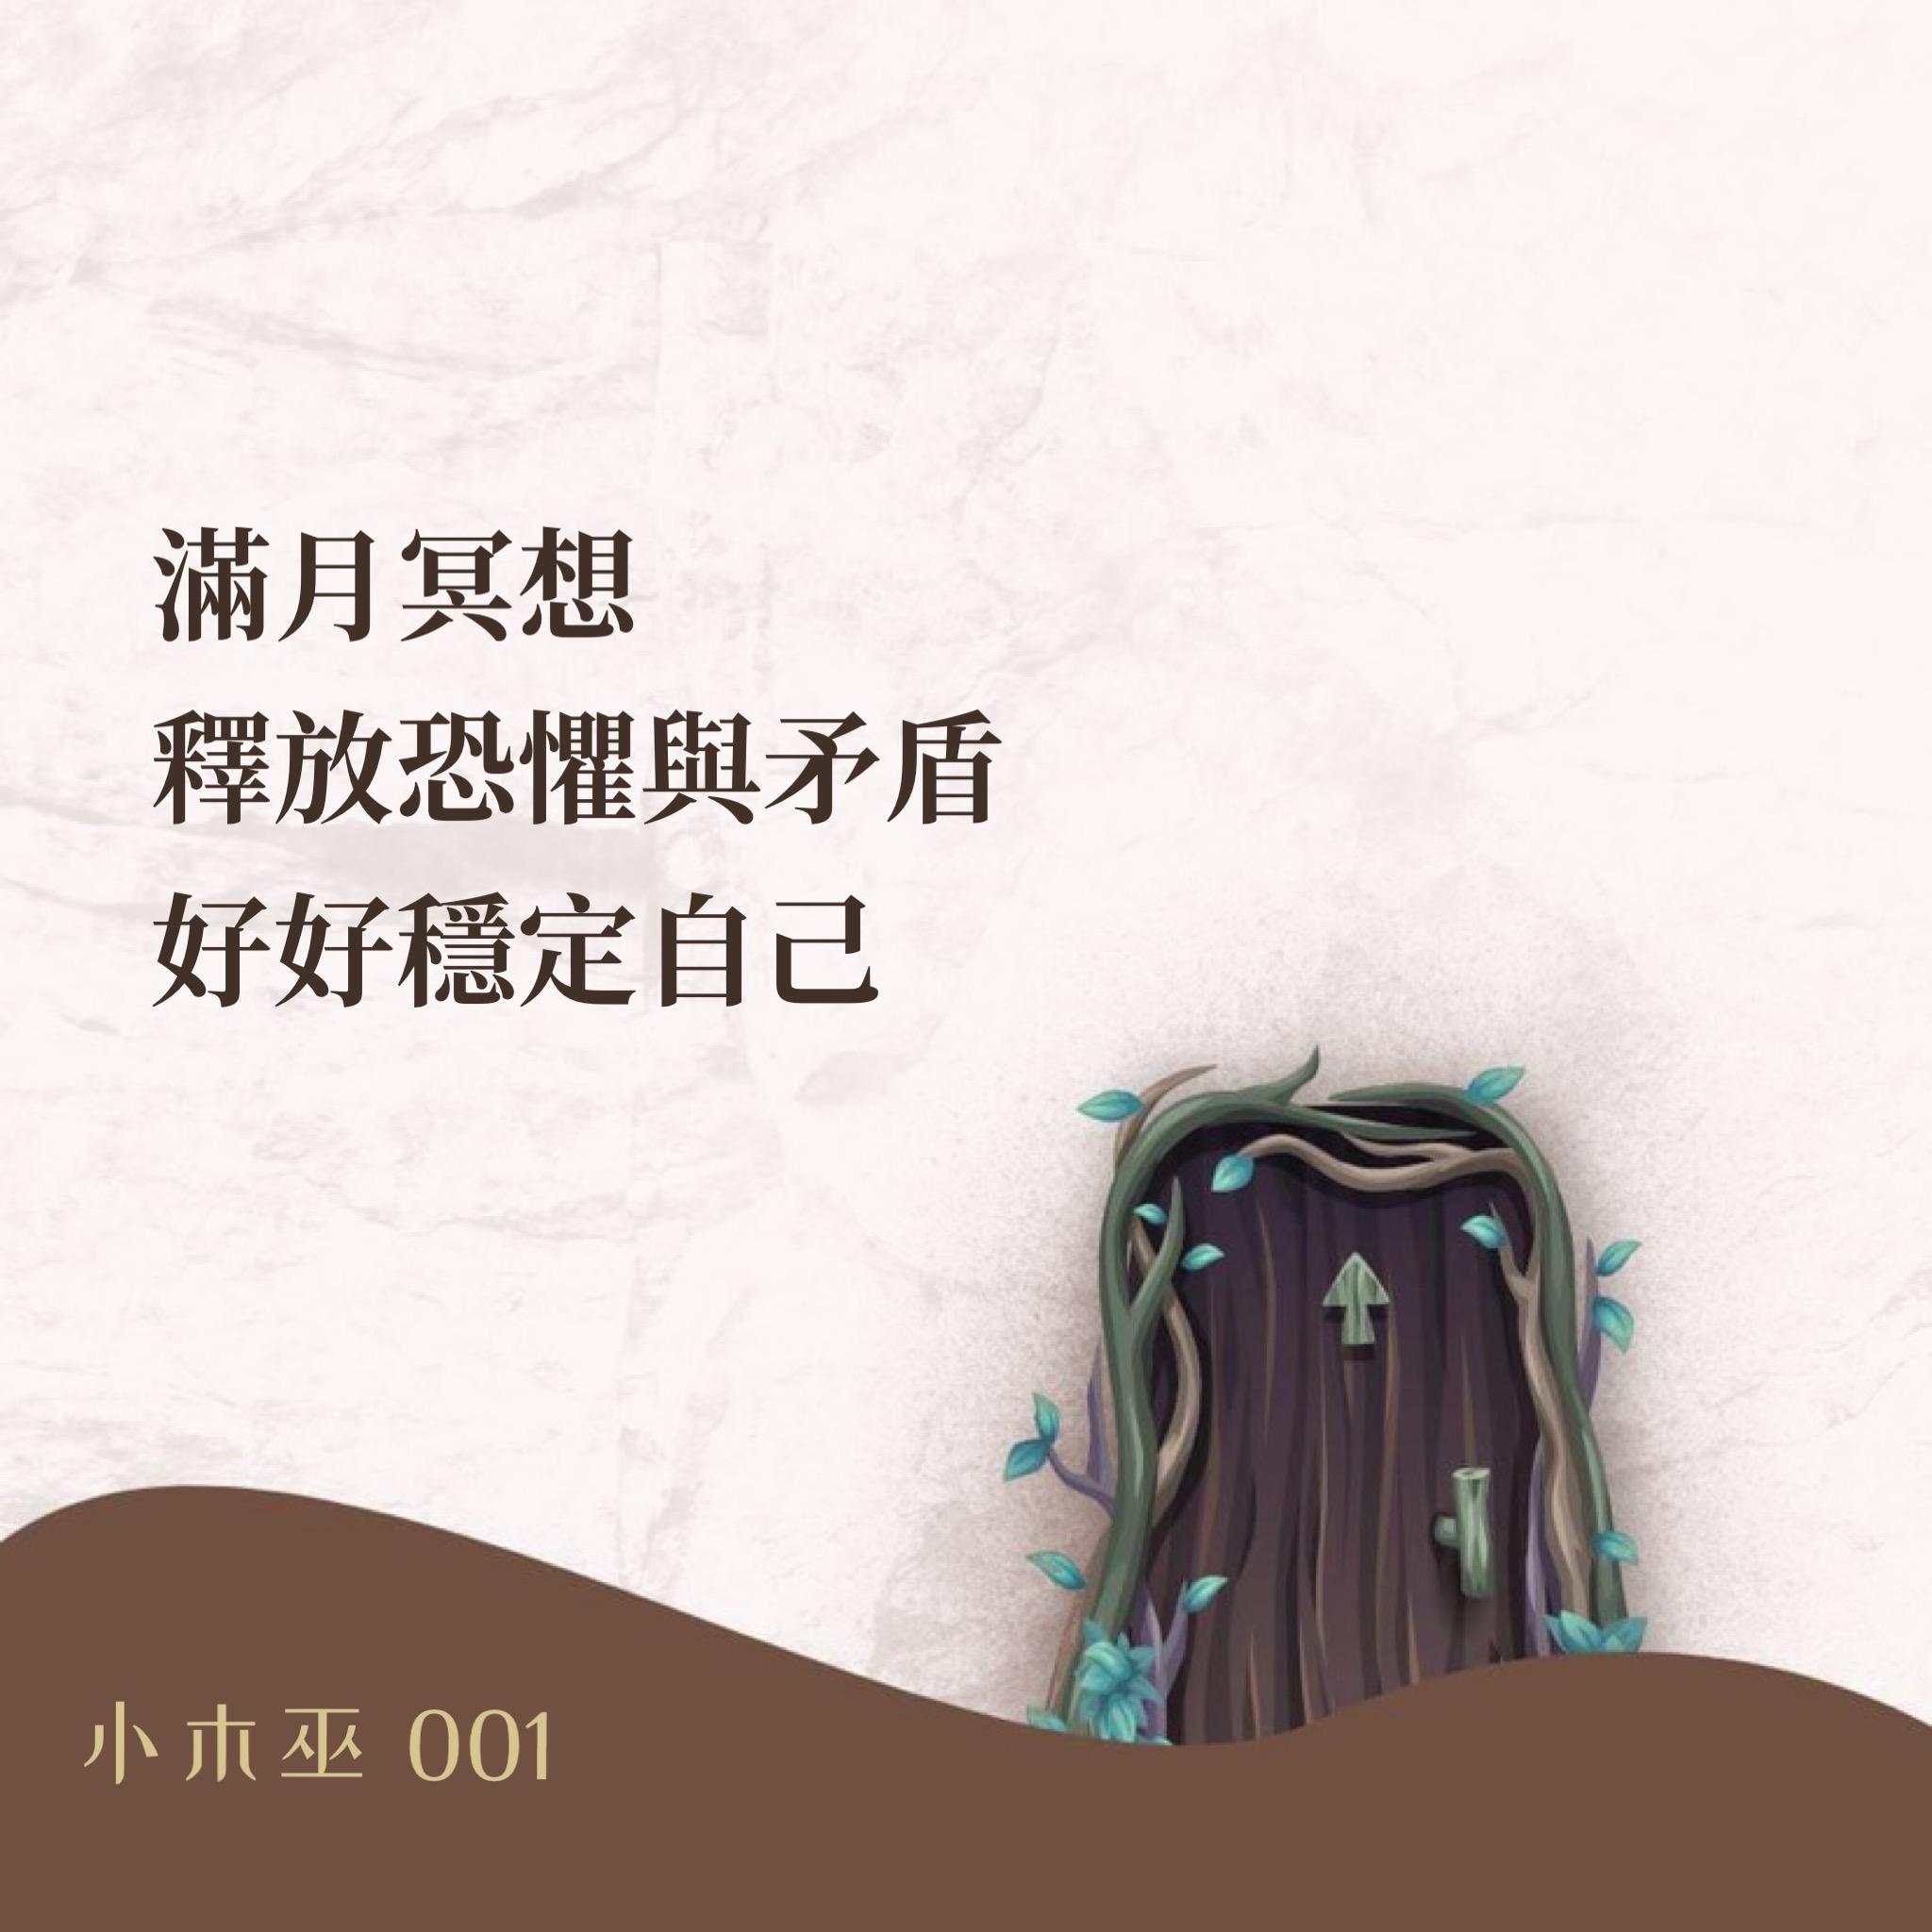 小木巫 001|滿月冥想,釋放恐懼與矛盾,好好穩定自己